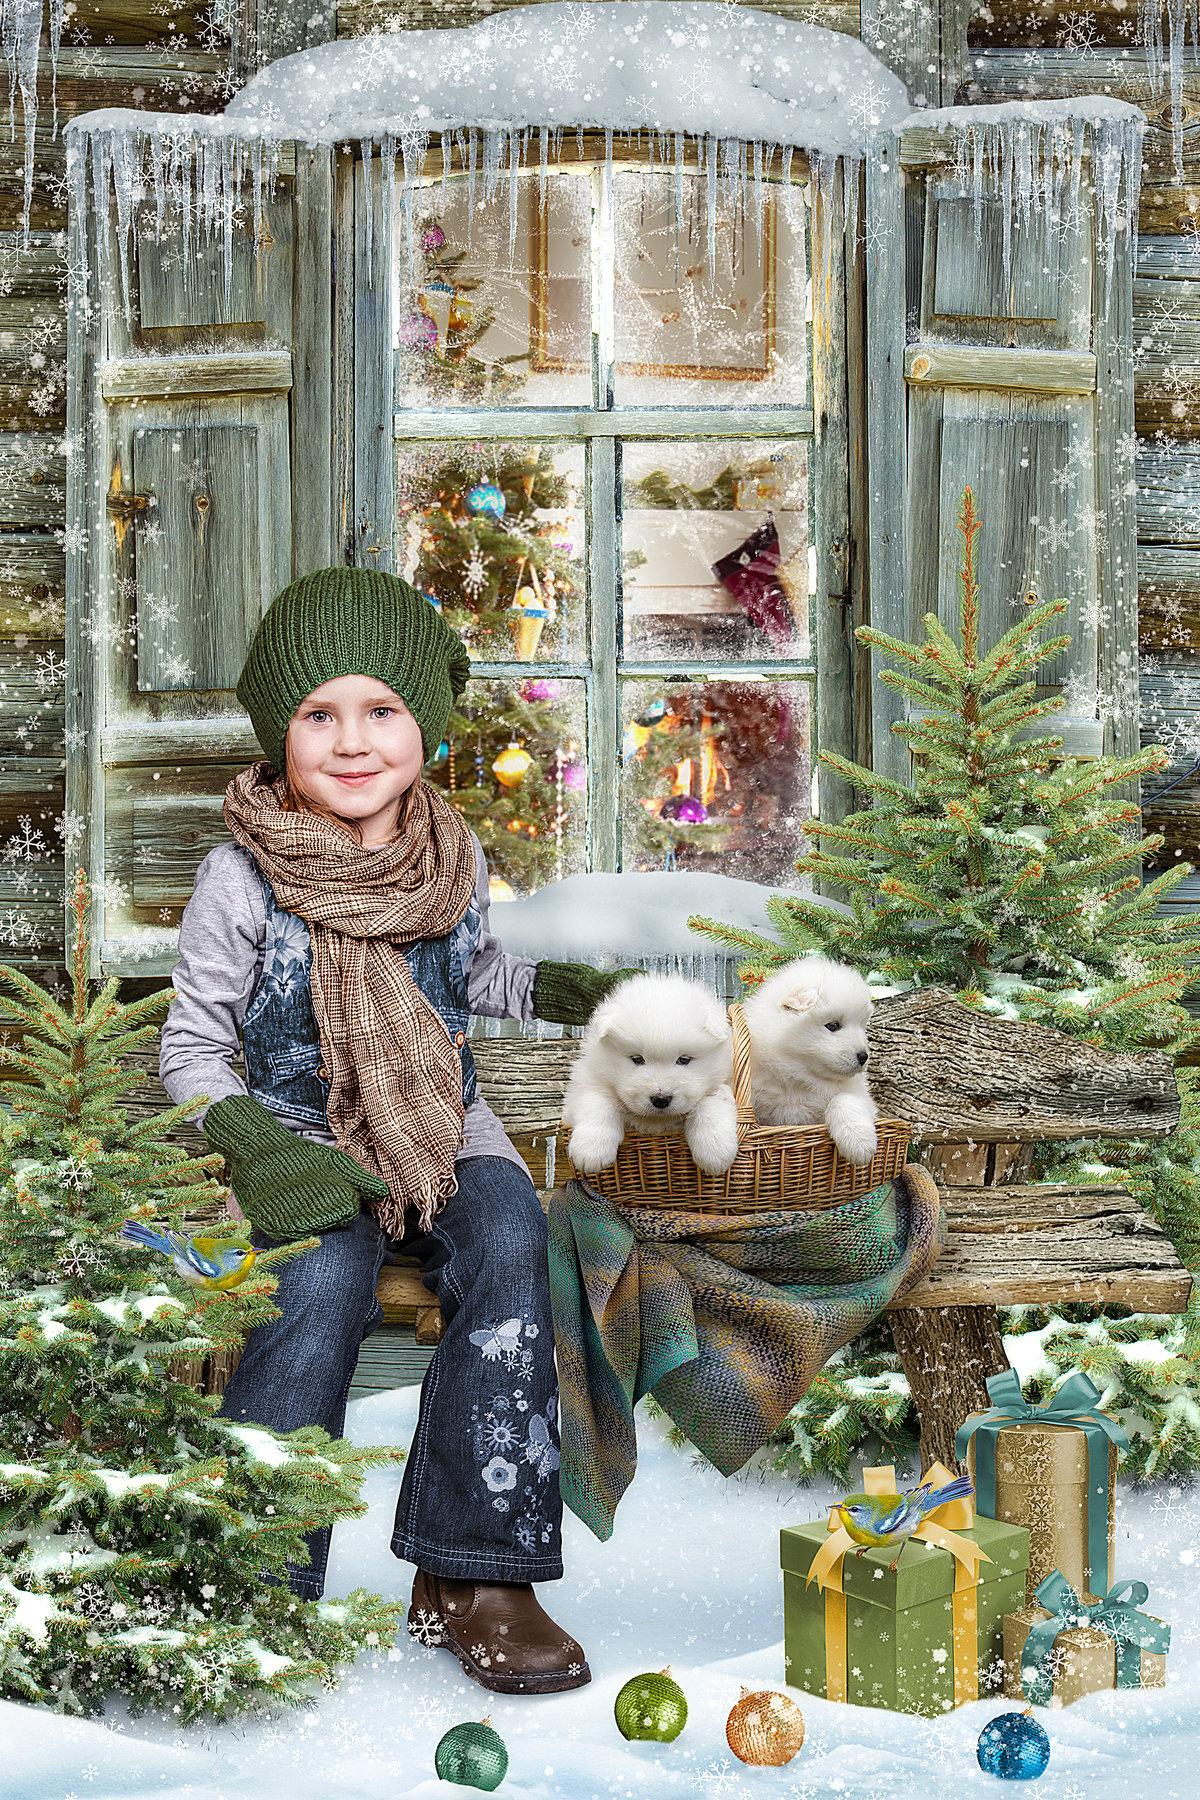 зимняя сказка фотошаблон зависимости пожеланий пары